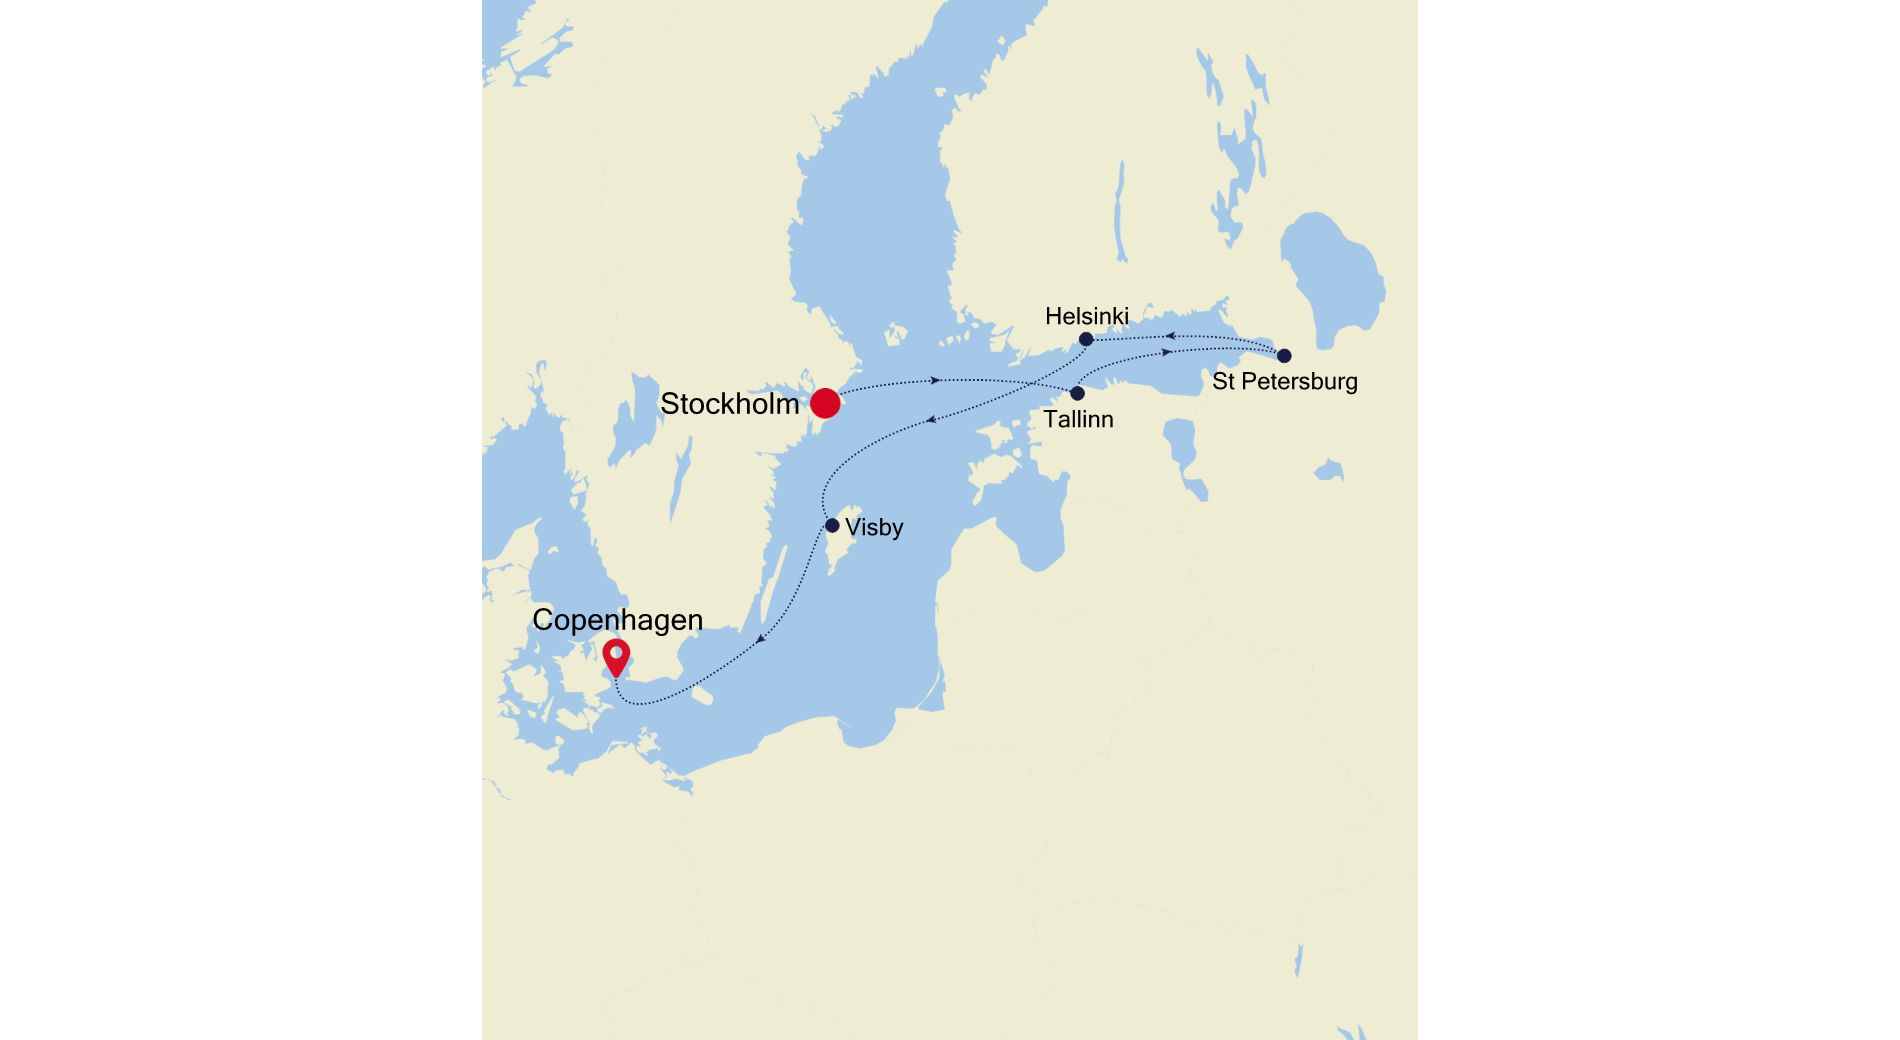 SL200803007 - Stockholm nach Copenhagen